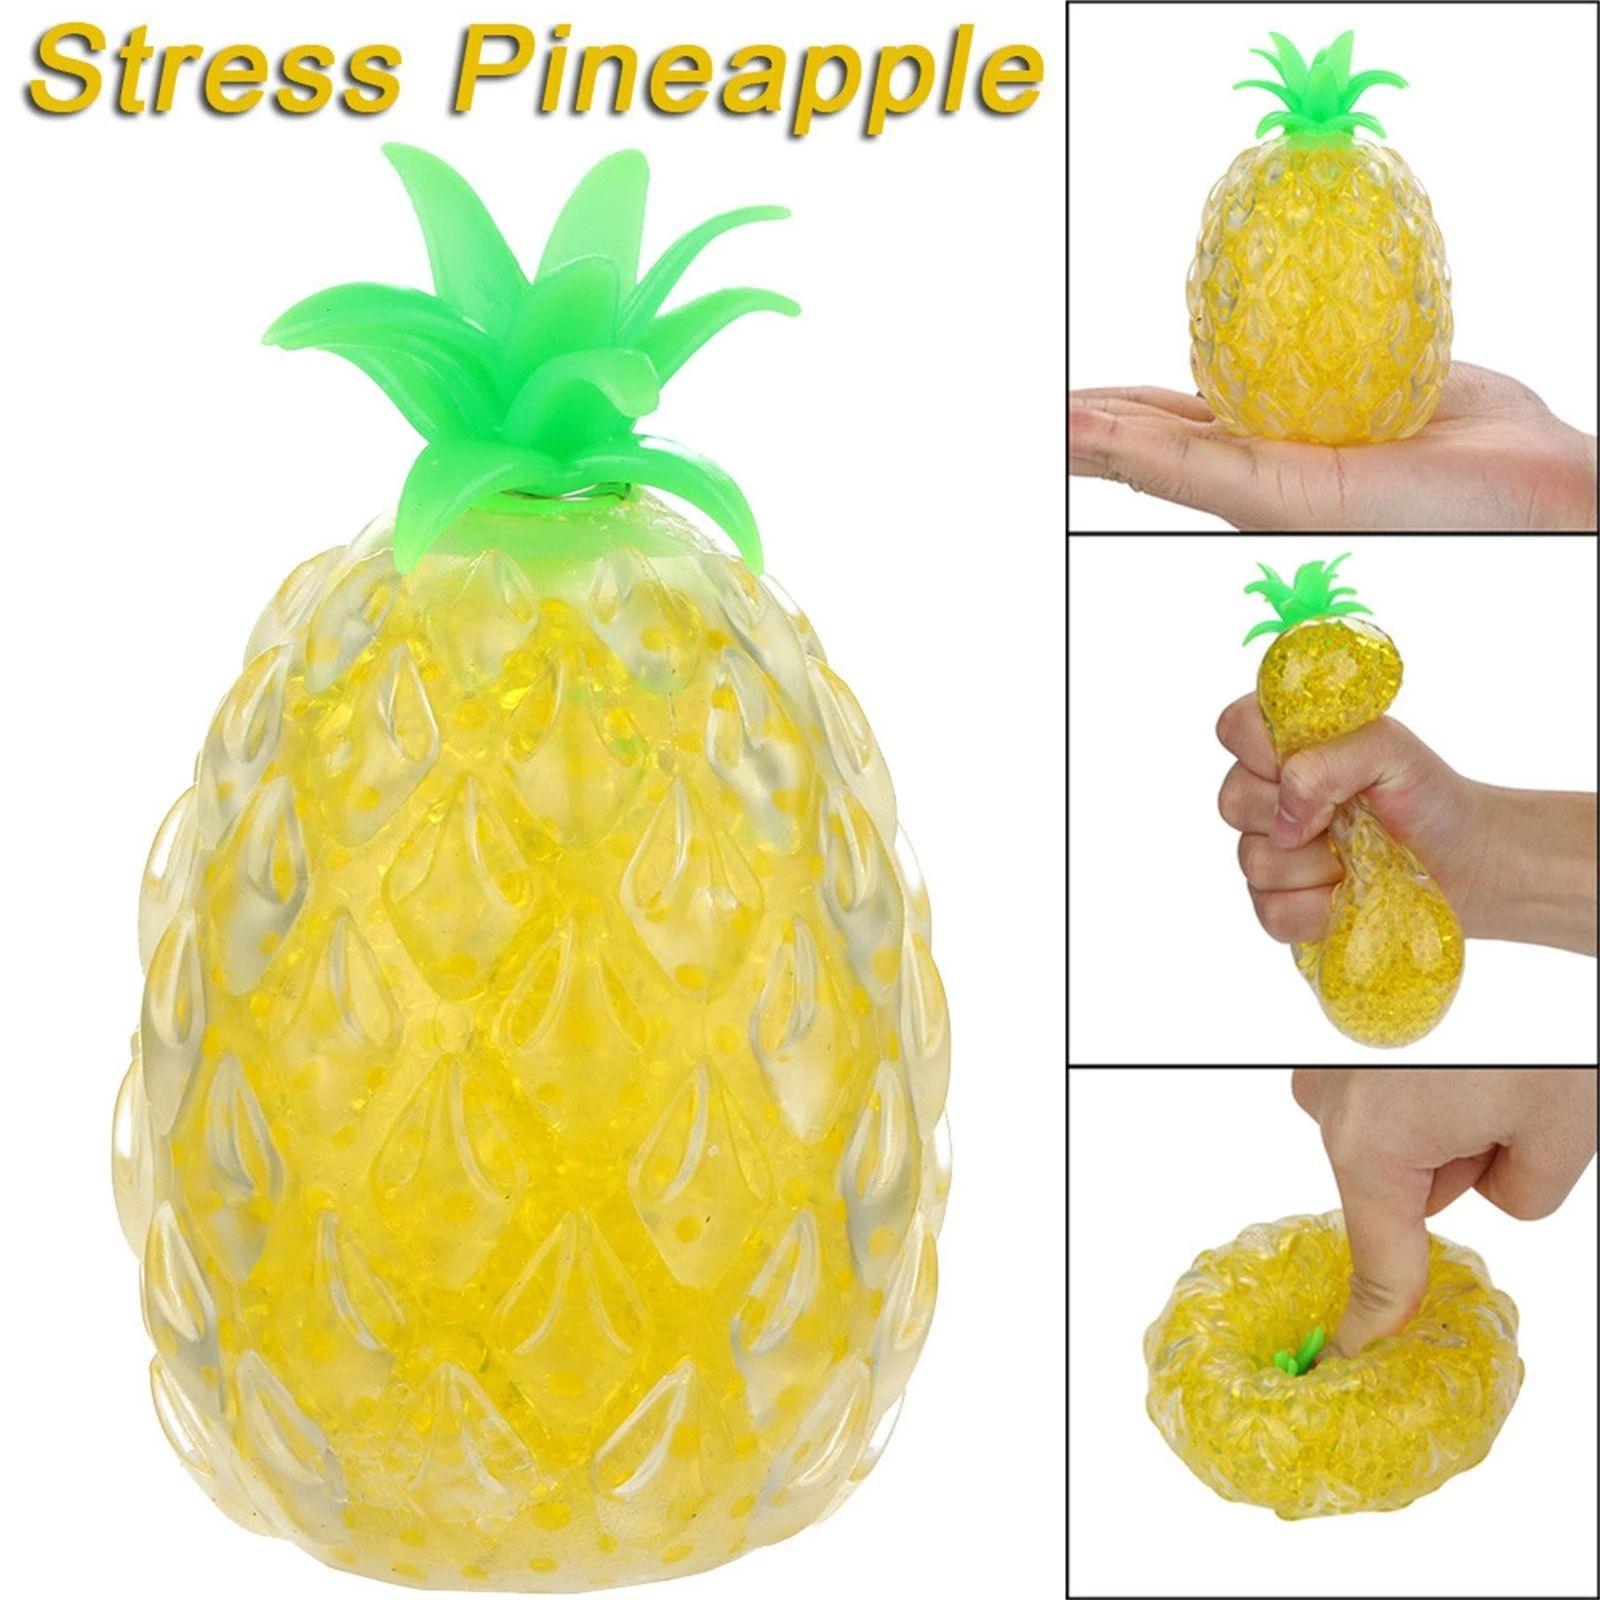 Fitget Toys Creative Piña de descompresión de la piña, adultos divertidos niños anti-ansiedad Alivio de estrés Squeeze Squishy T